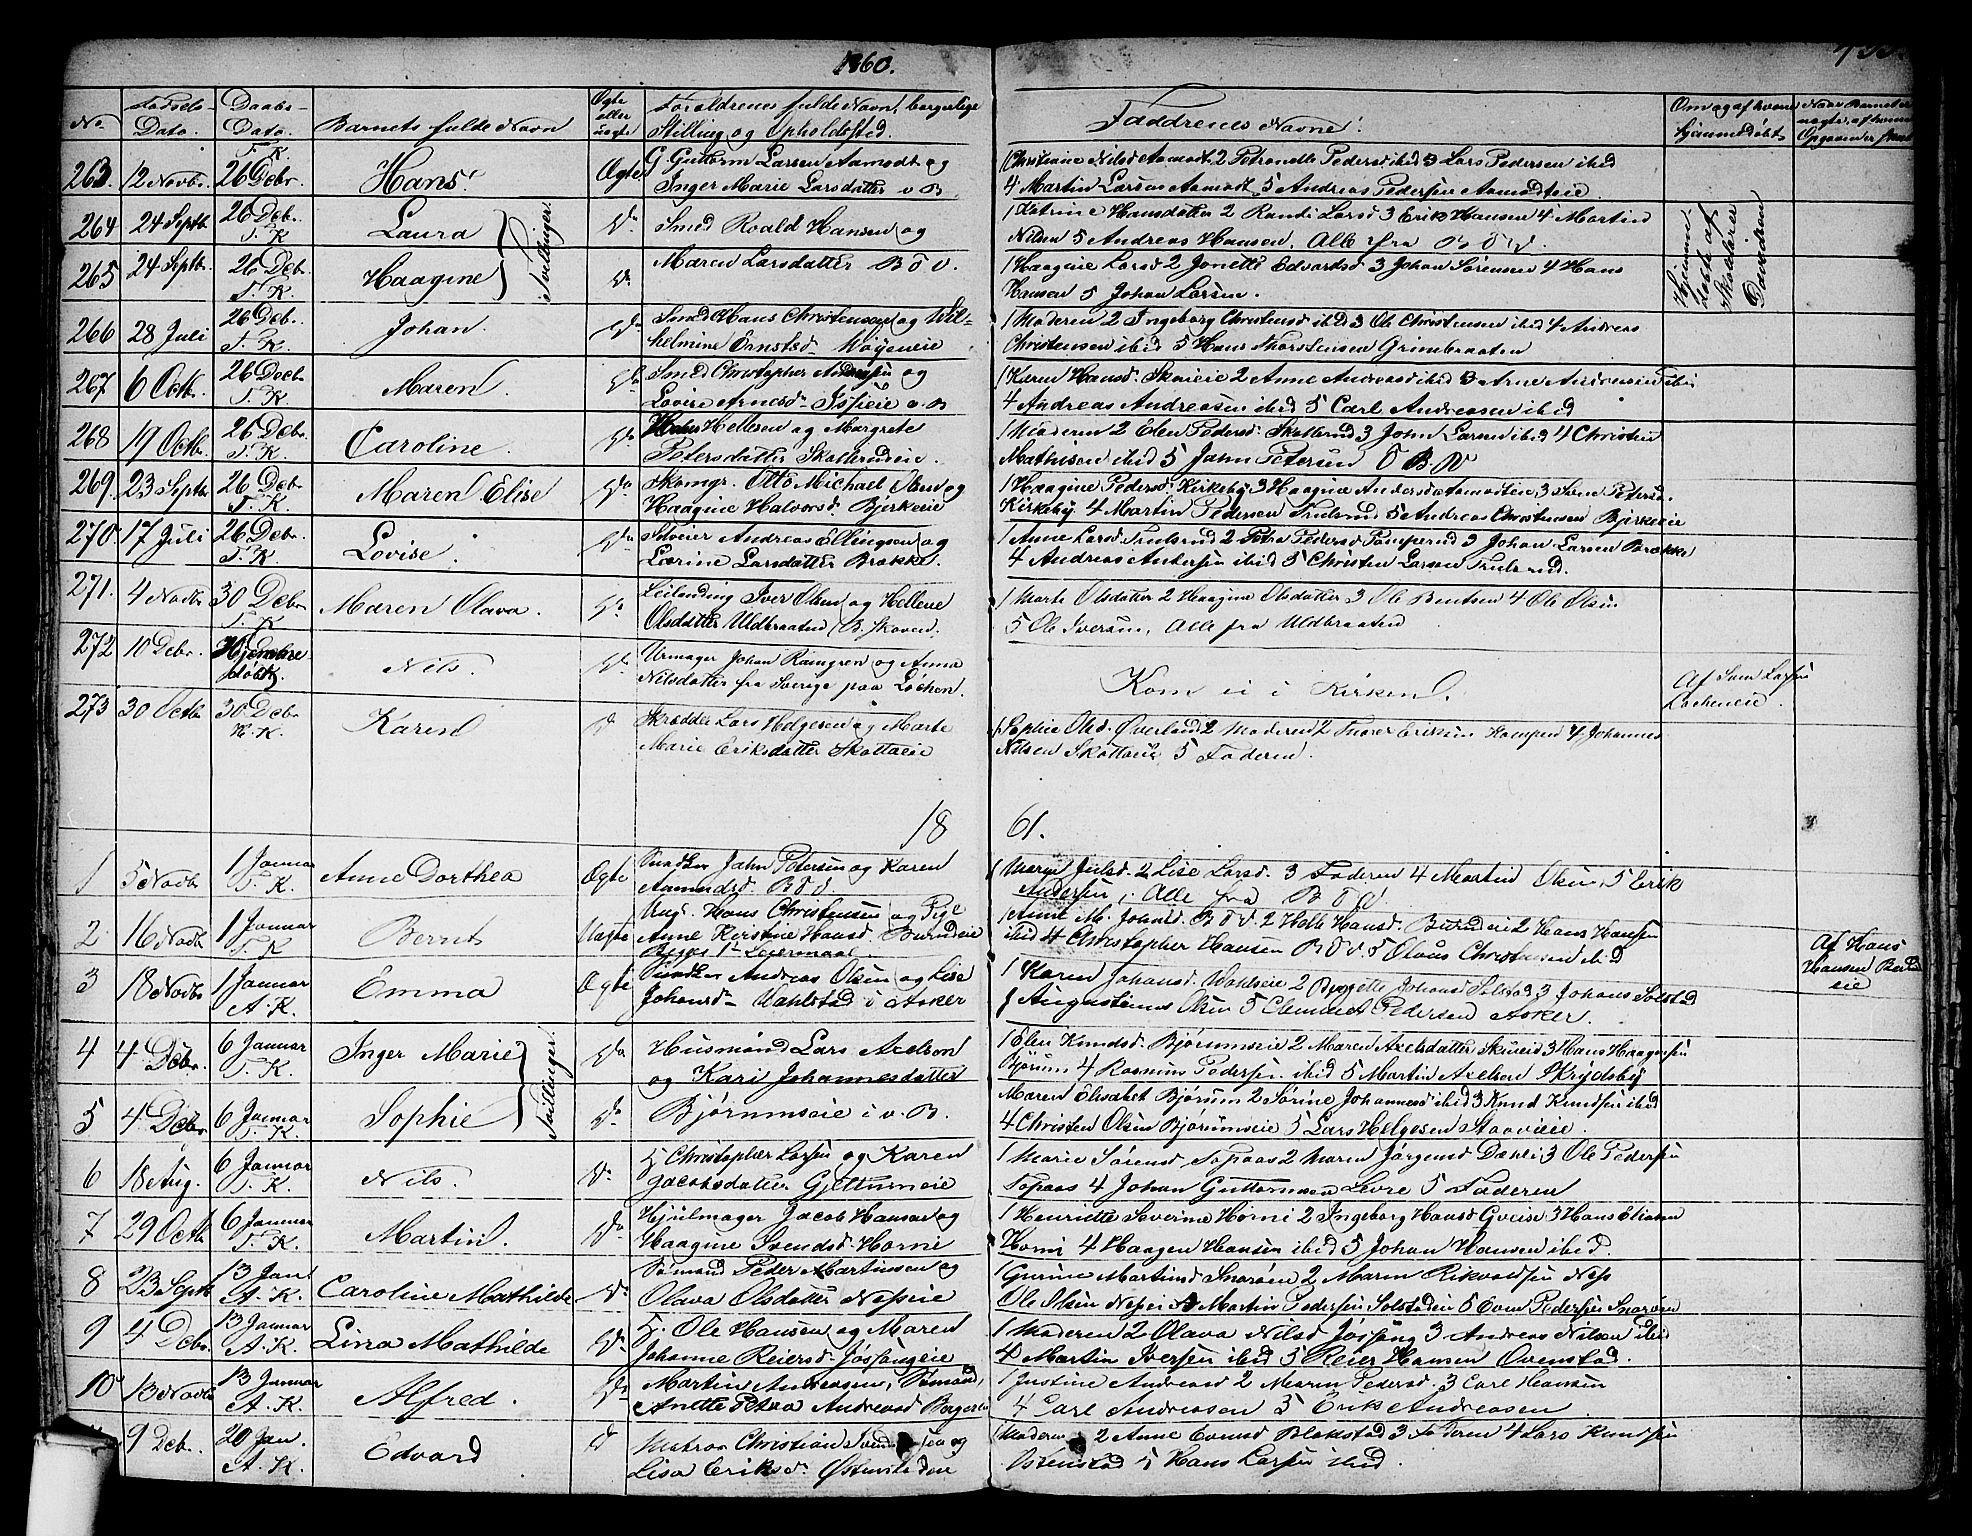 SAO, Asker prestekontor Kirkebøker, F/Fa/L0007: Ministerialbok nr. I 7, 1825-1864, s. 433